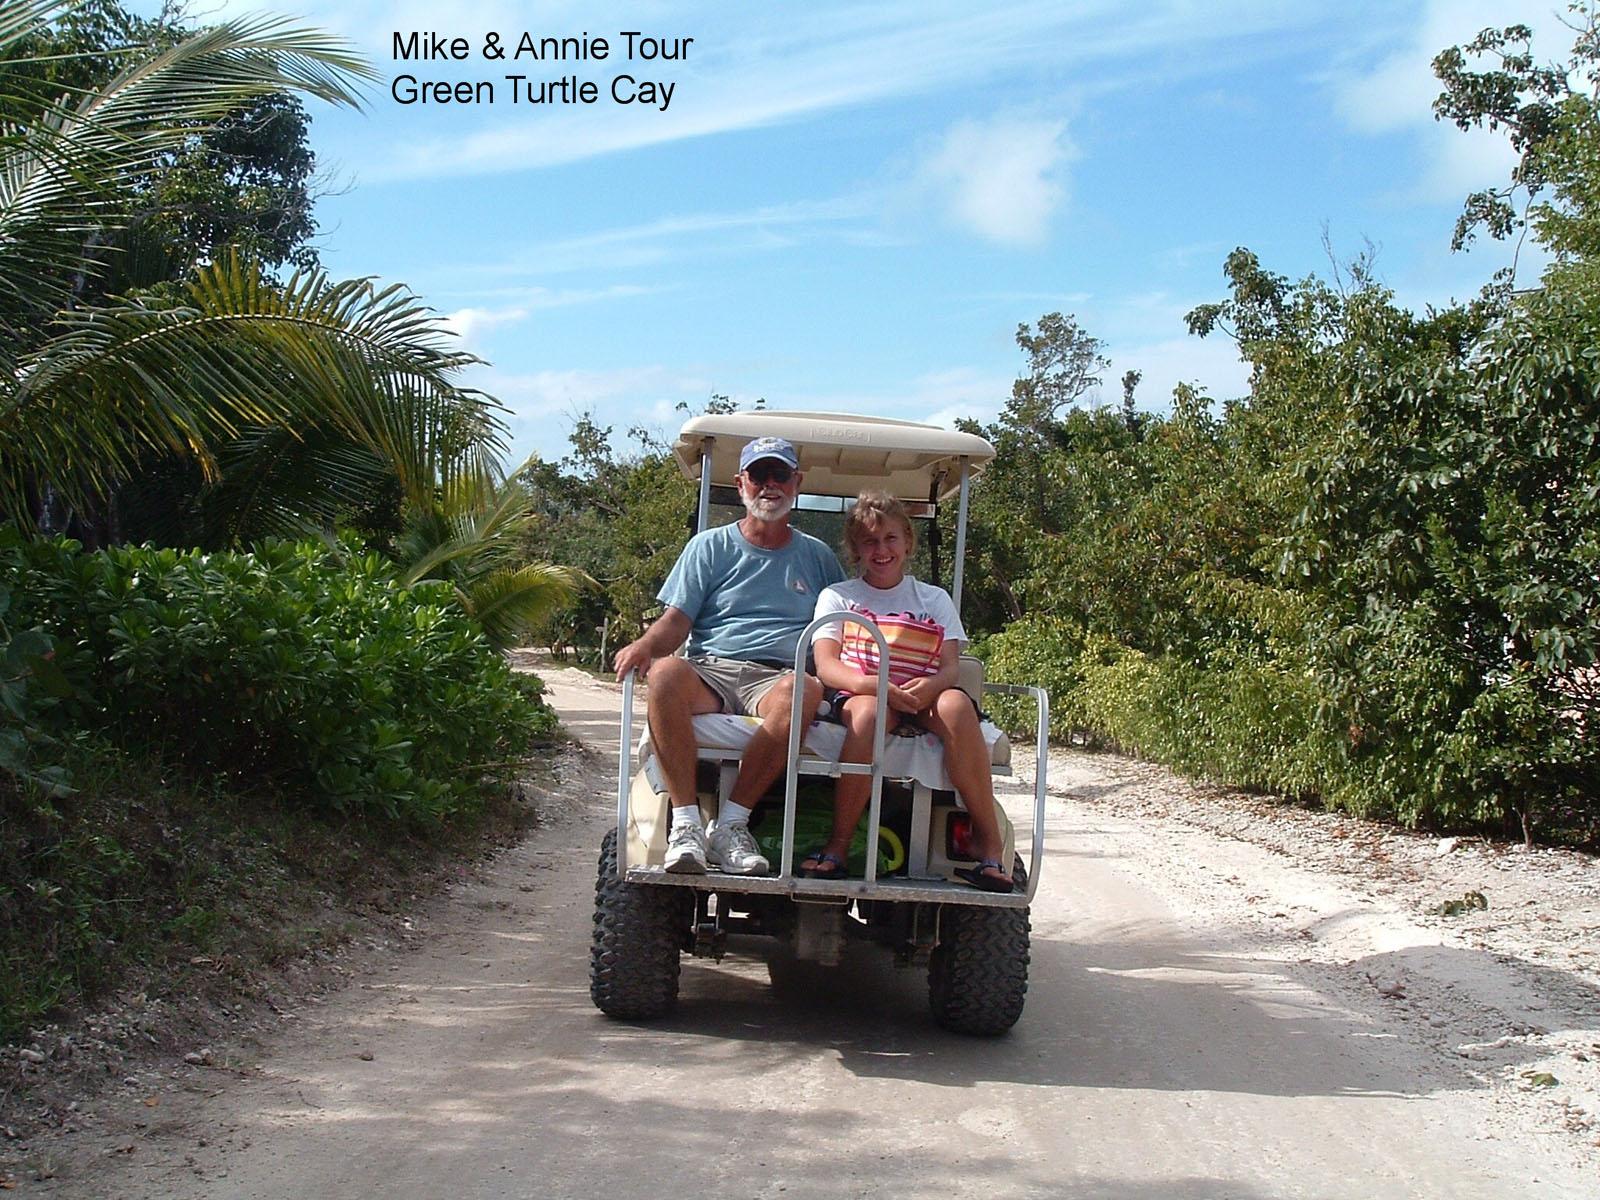 [mike+annie+golf+cart.jpg+]